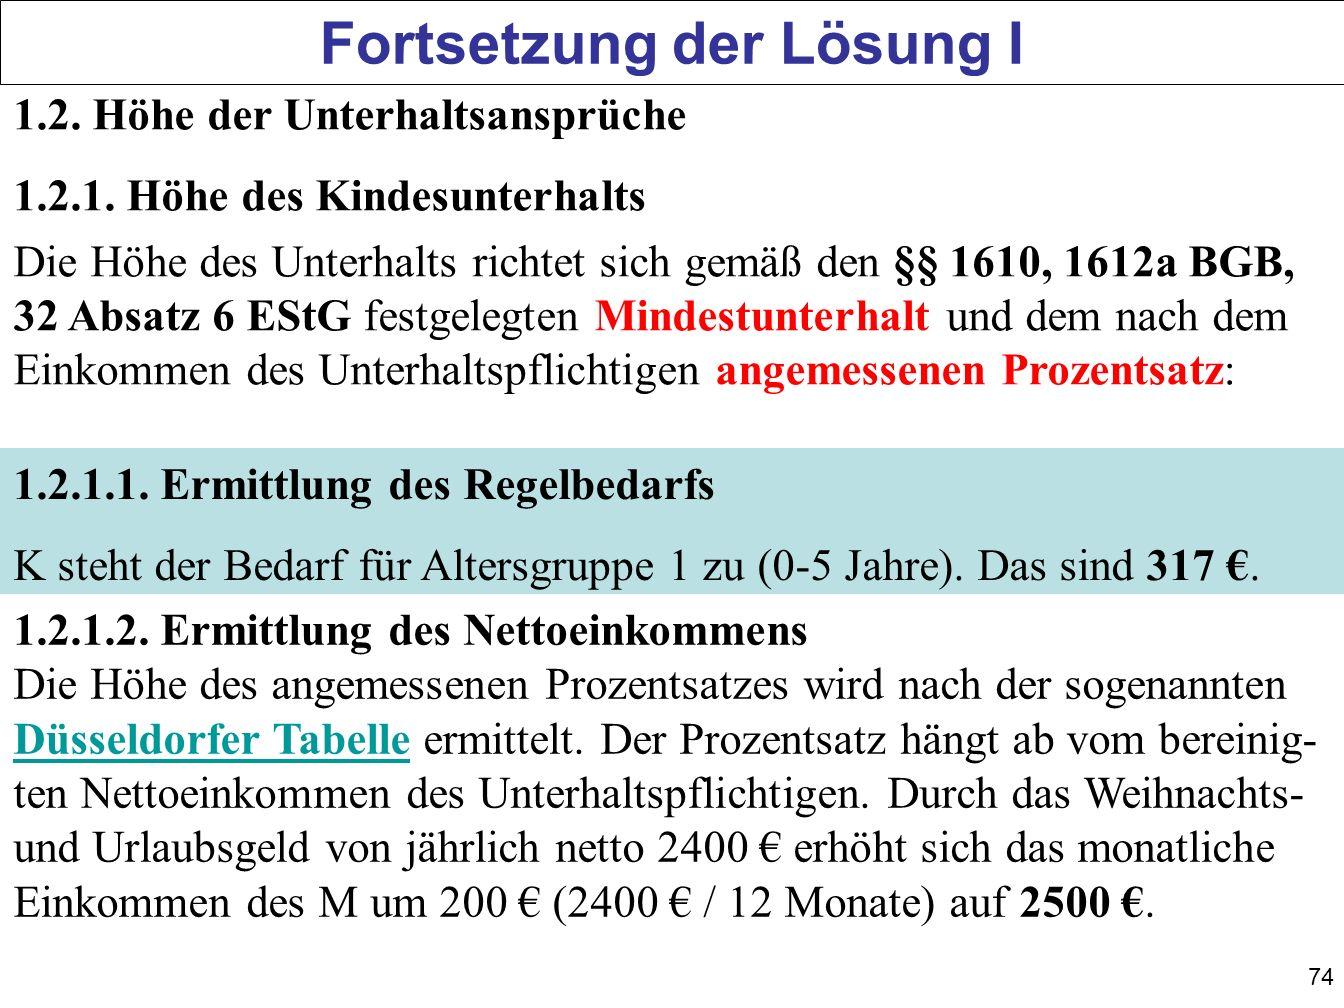 74 Fortsetzung der Lösung I 1.2. Höhe der Unterhaltsansprüche 1.2.1. Höhe des Kindesunterhalts Die Höhe des Unterhalts richtet sich gemäß den §§ 1610,